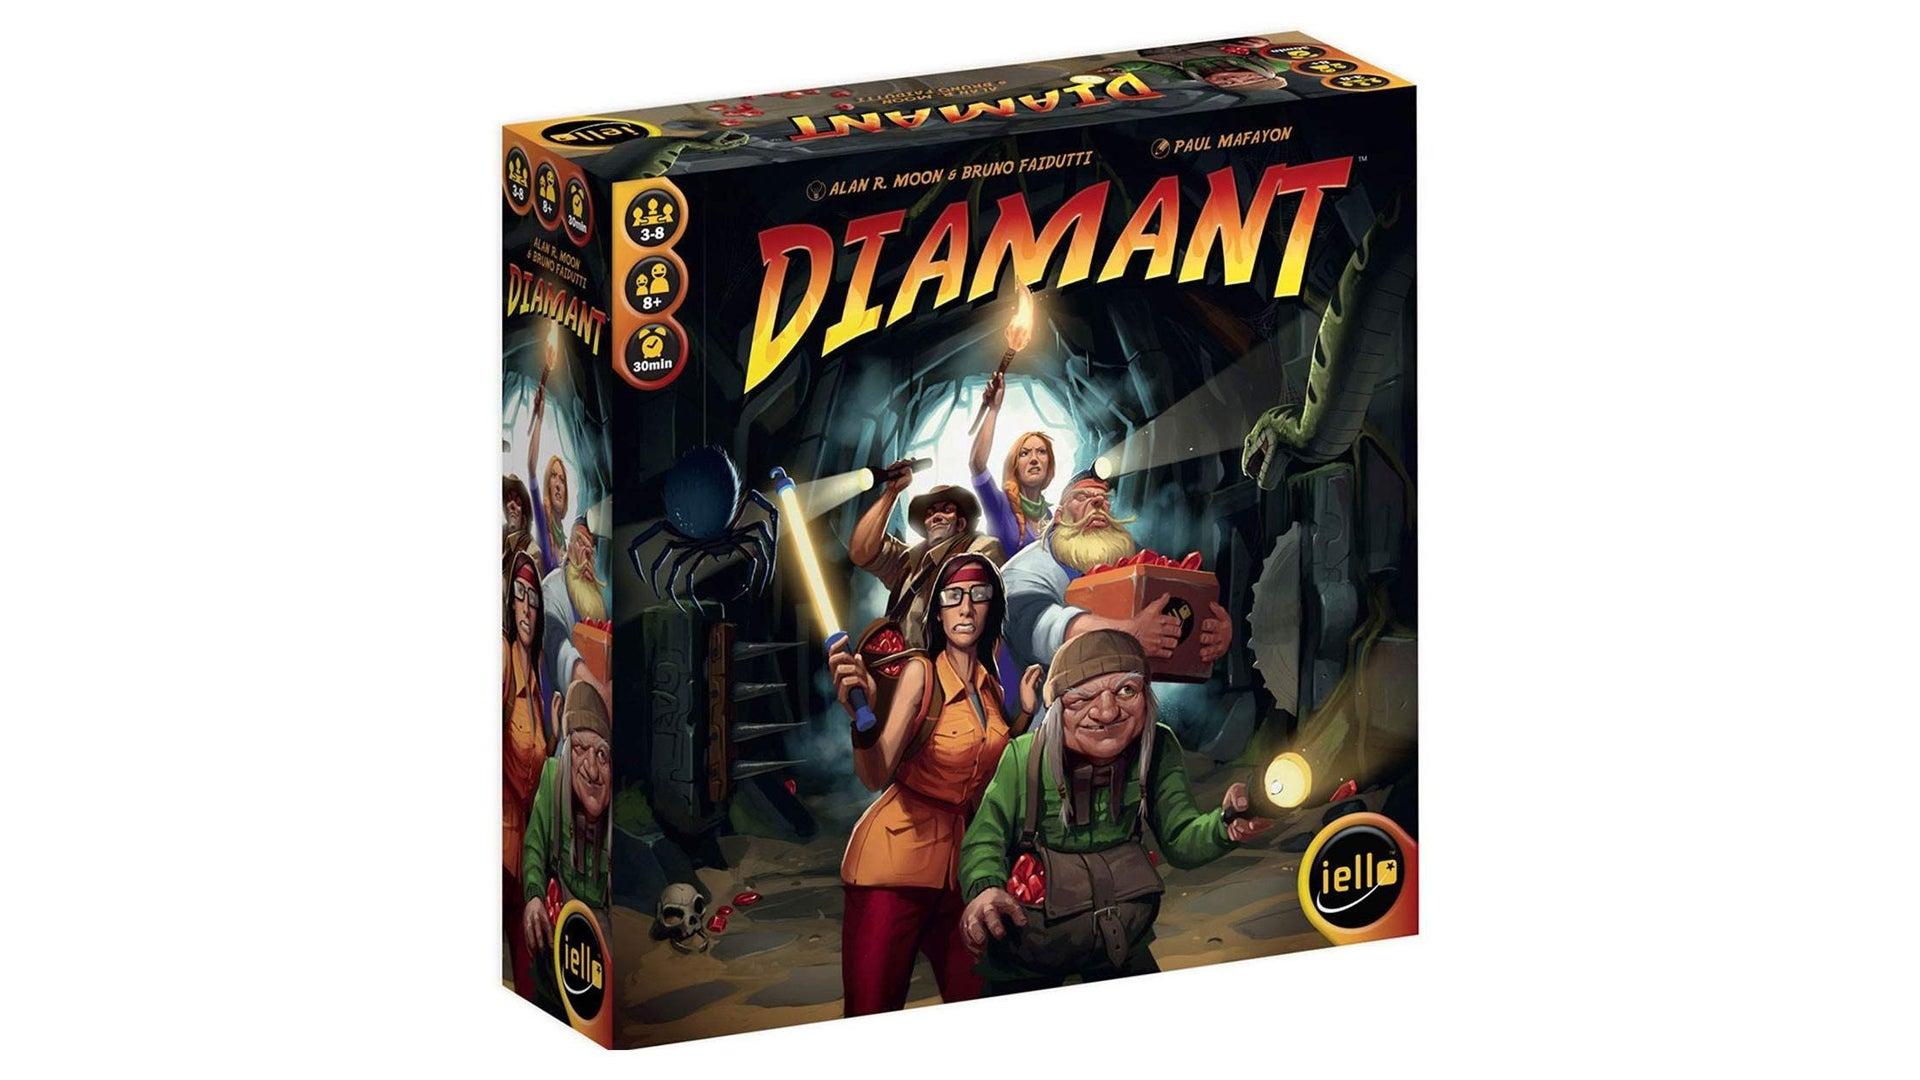 Diamant quick board game box